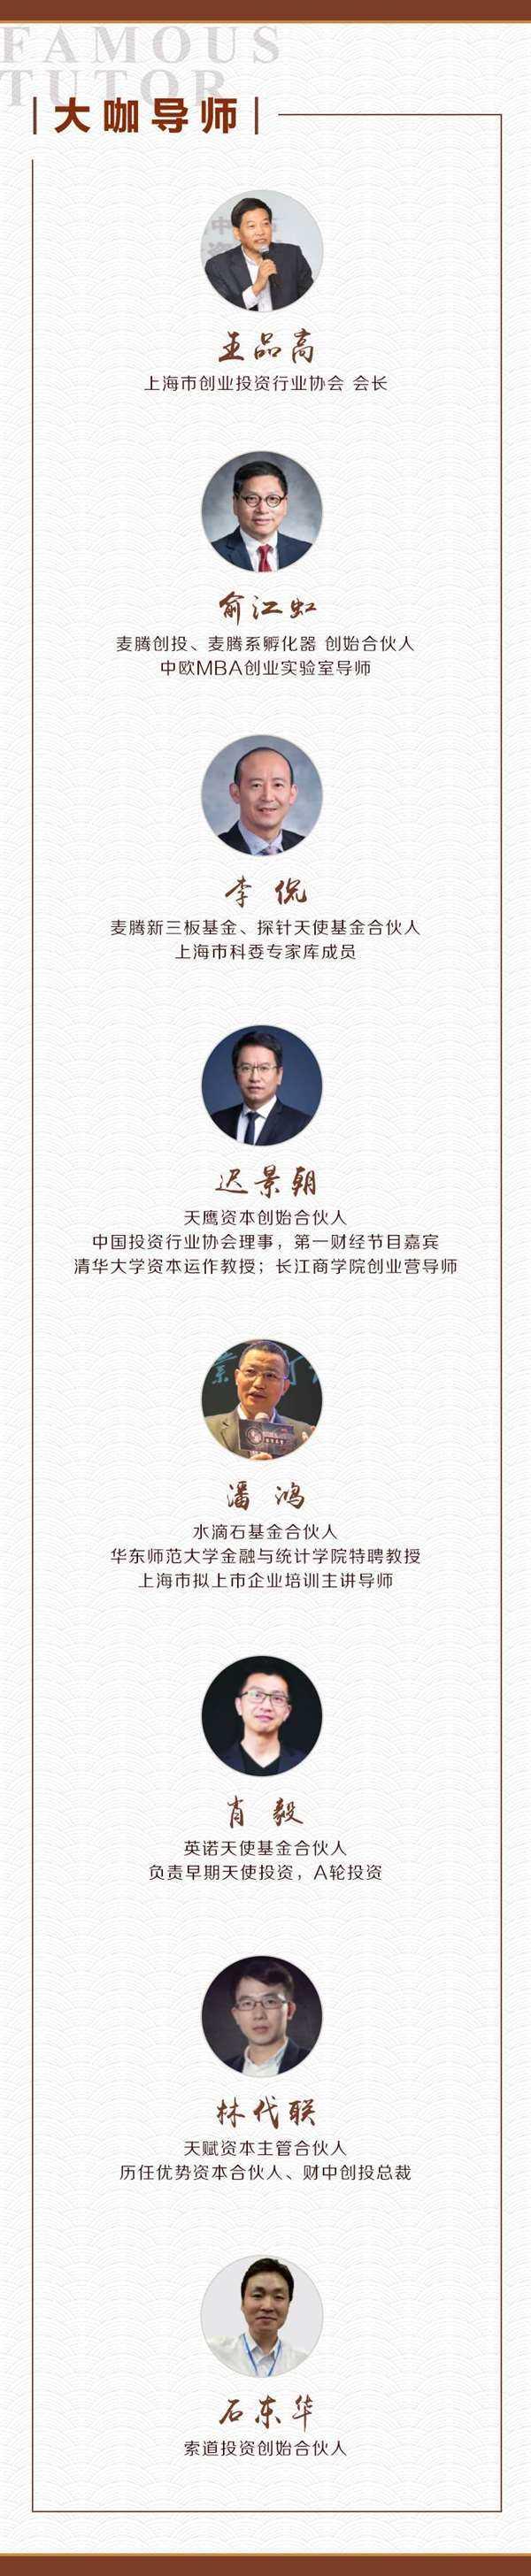 上海投资人研修班初案4.jpg